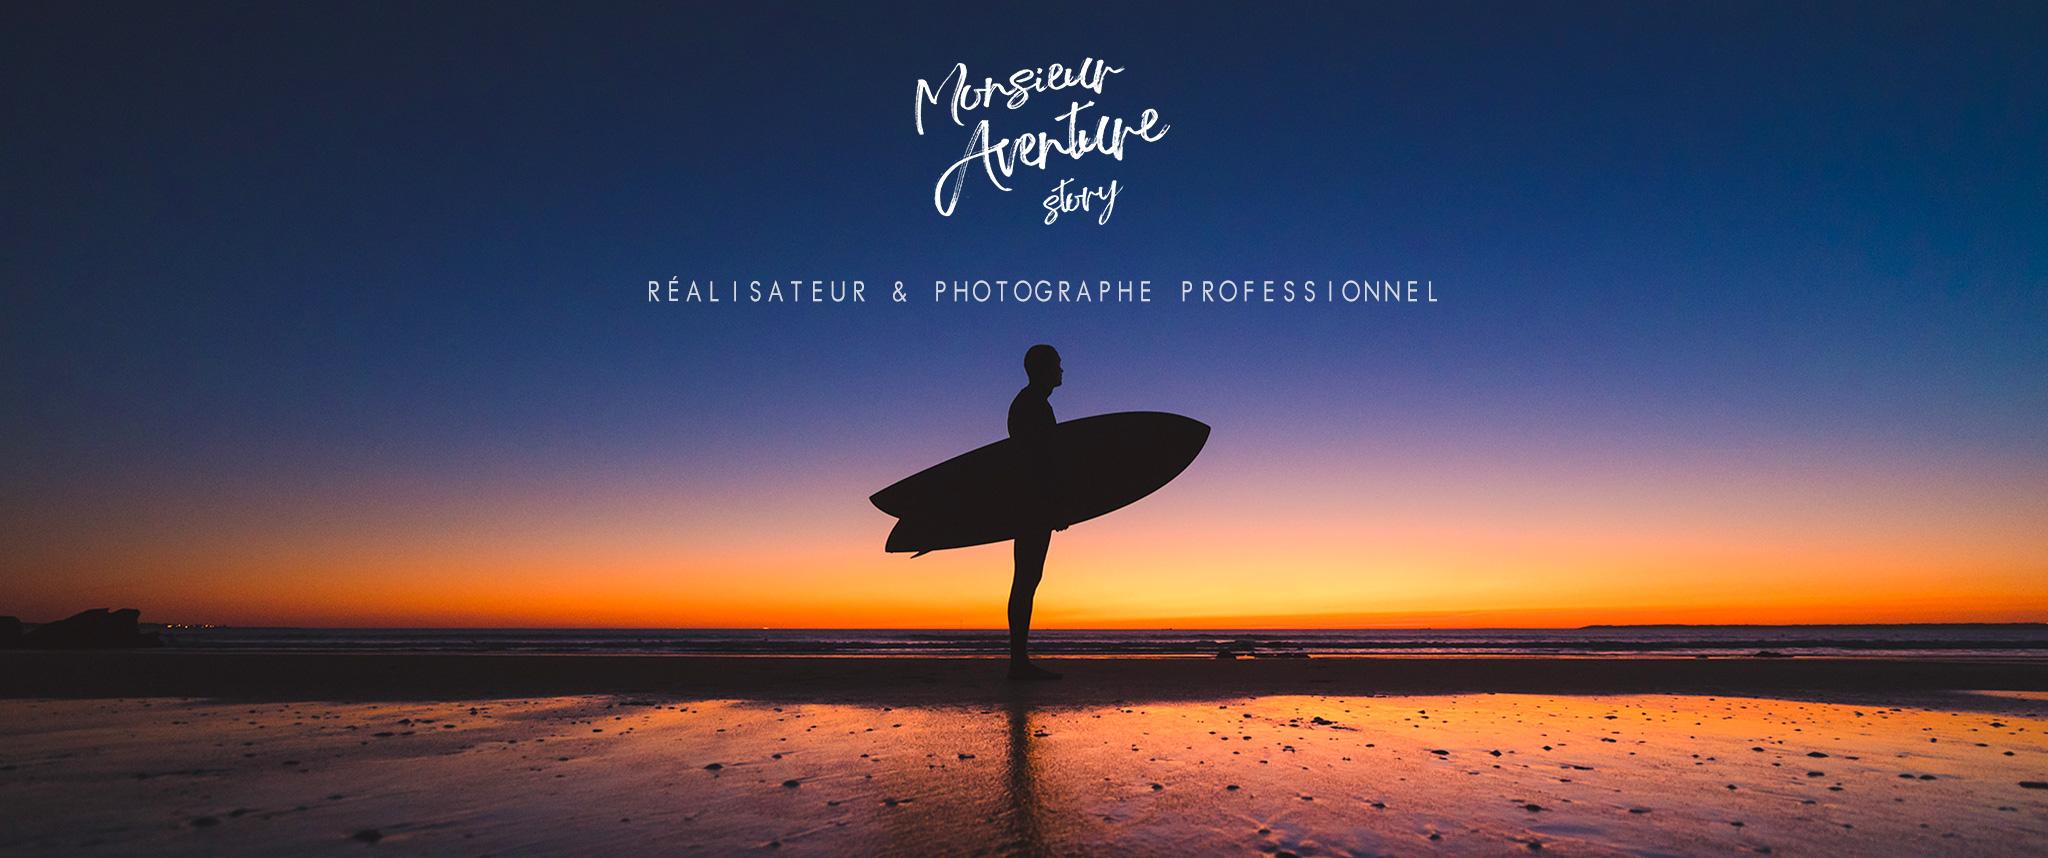 réalisateur et photographe professionnel monsieur aventure